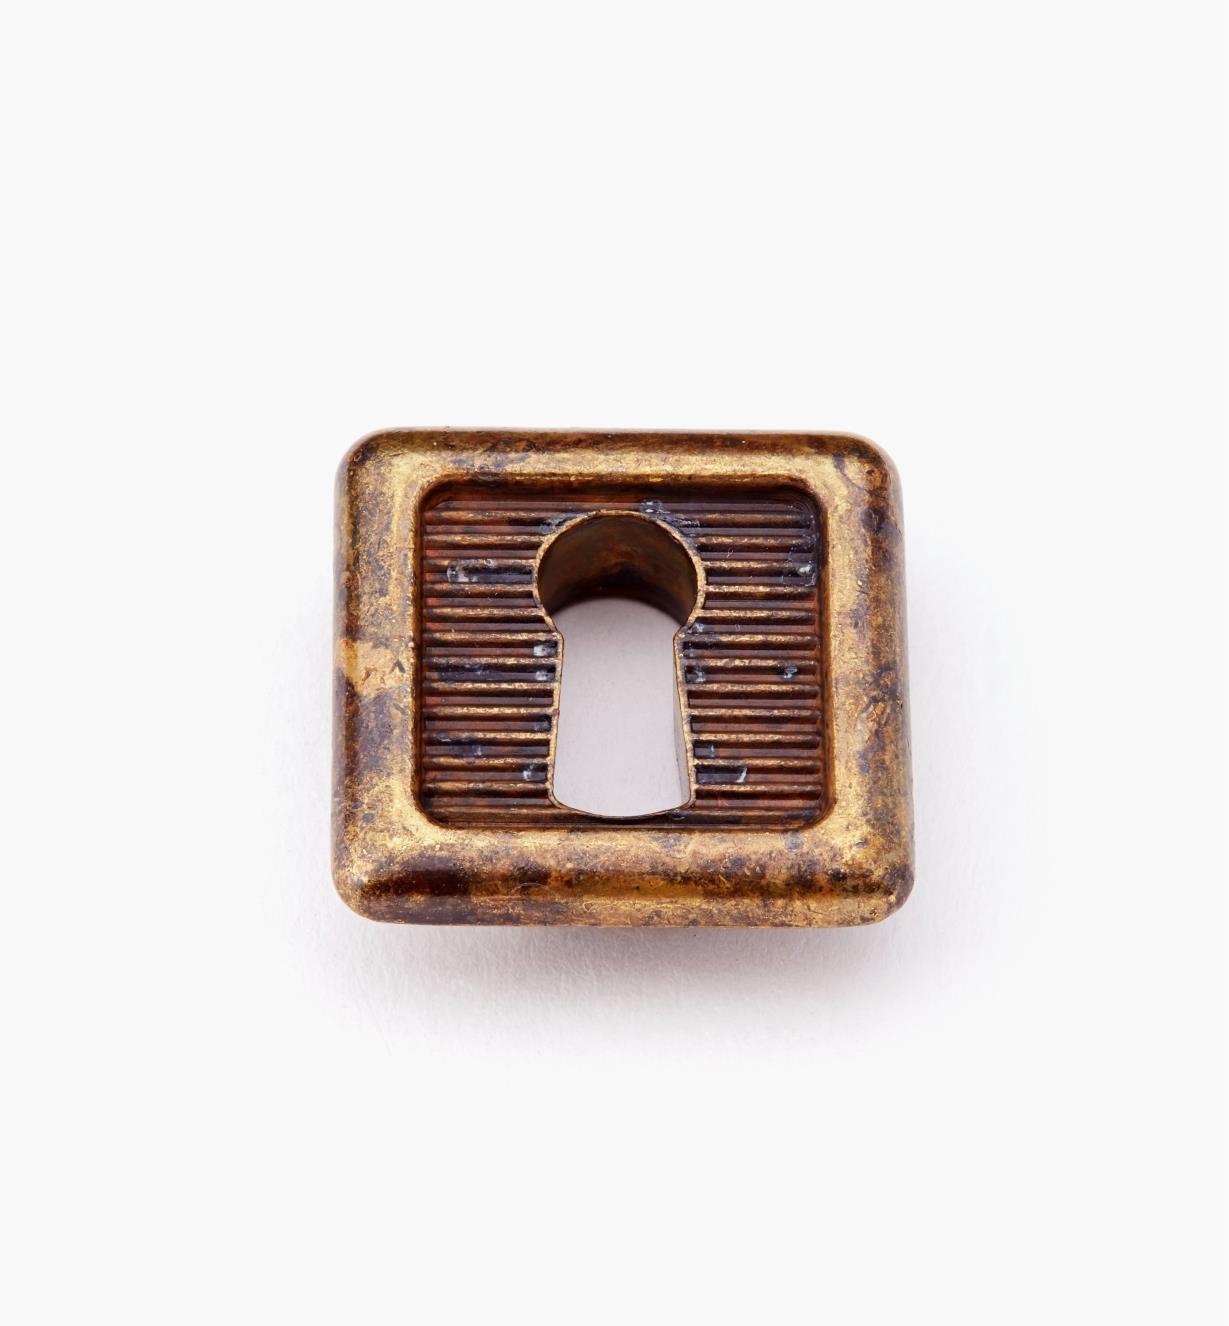 01X4223 - Entrée de serrure carrée encastrée de 25 mm x 25 mm, laiton ancien